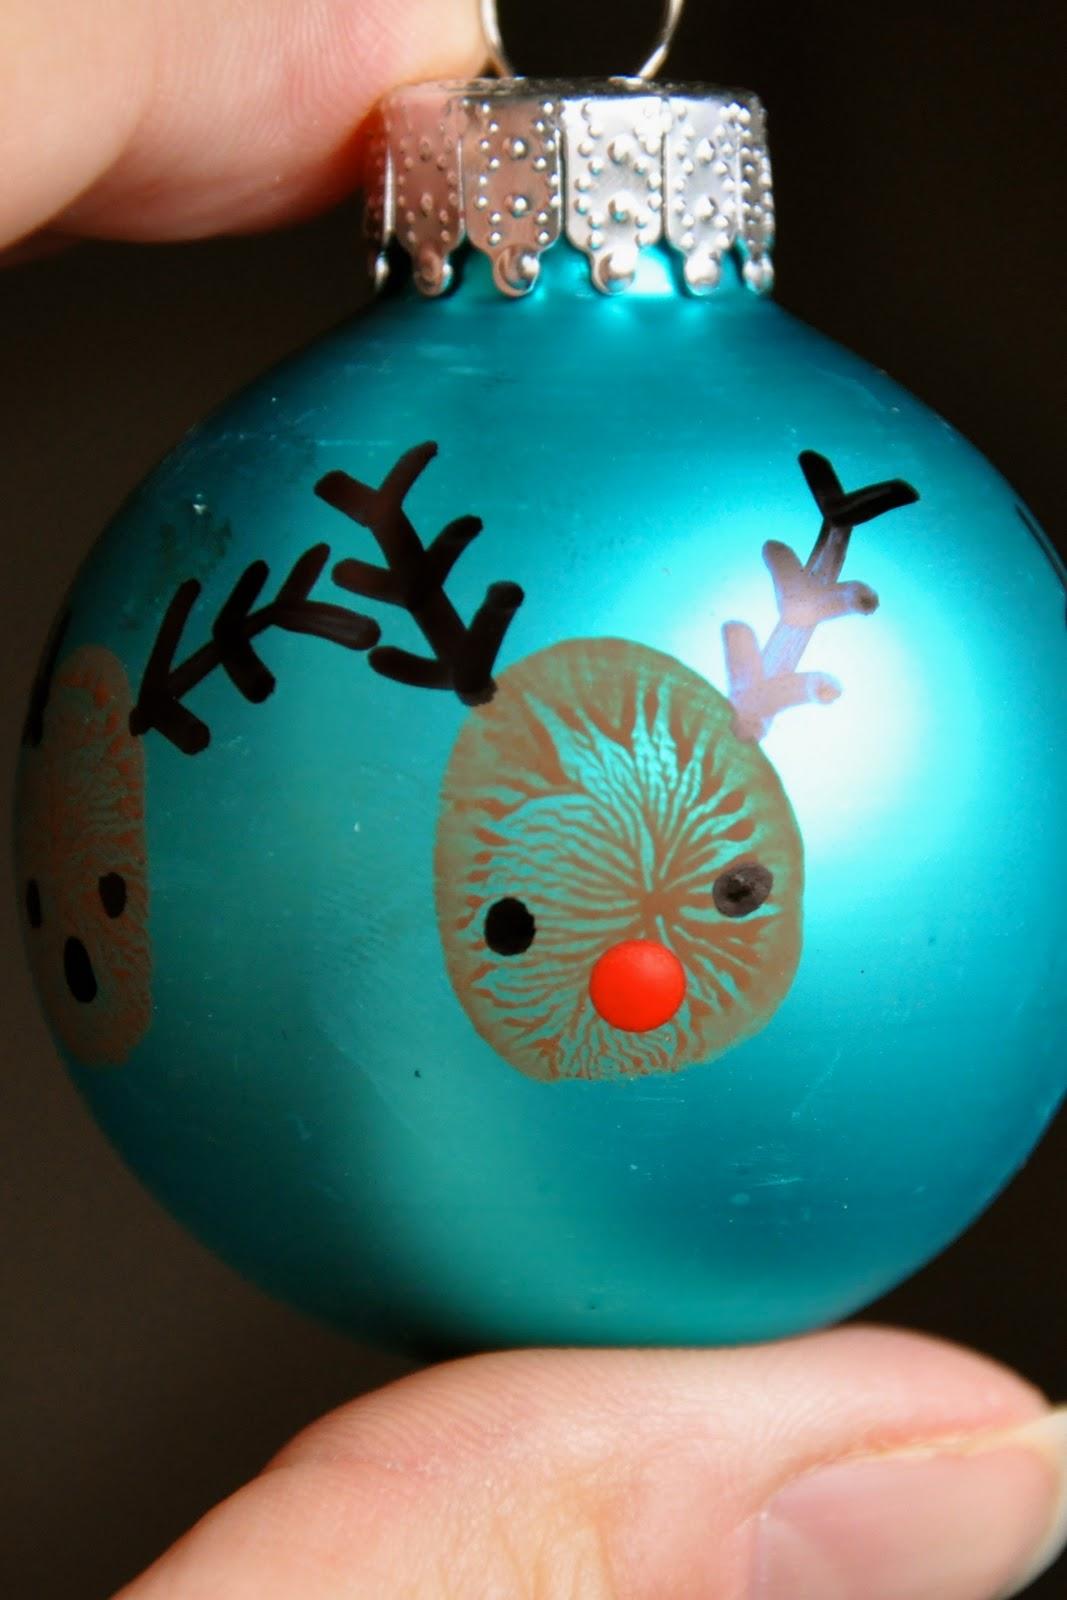 Reindeer christmas ornaments - Reindeer Christmas Ornaments 37